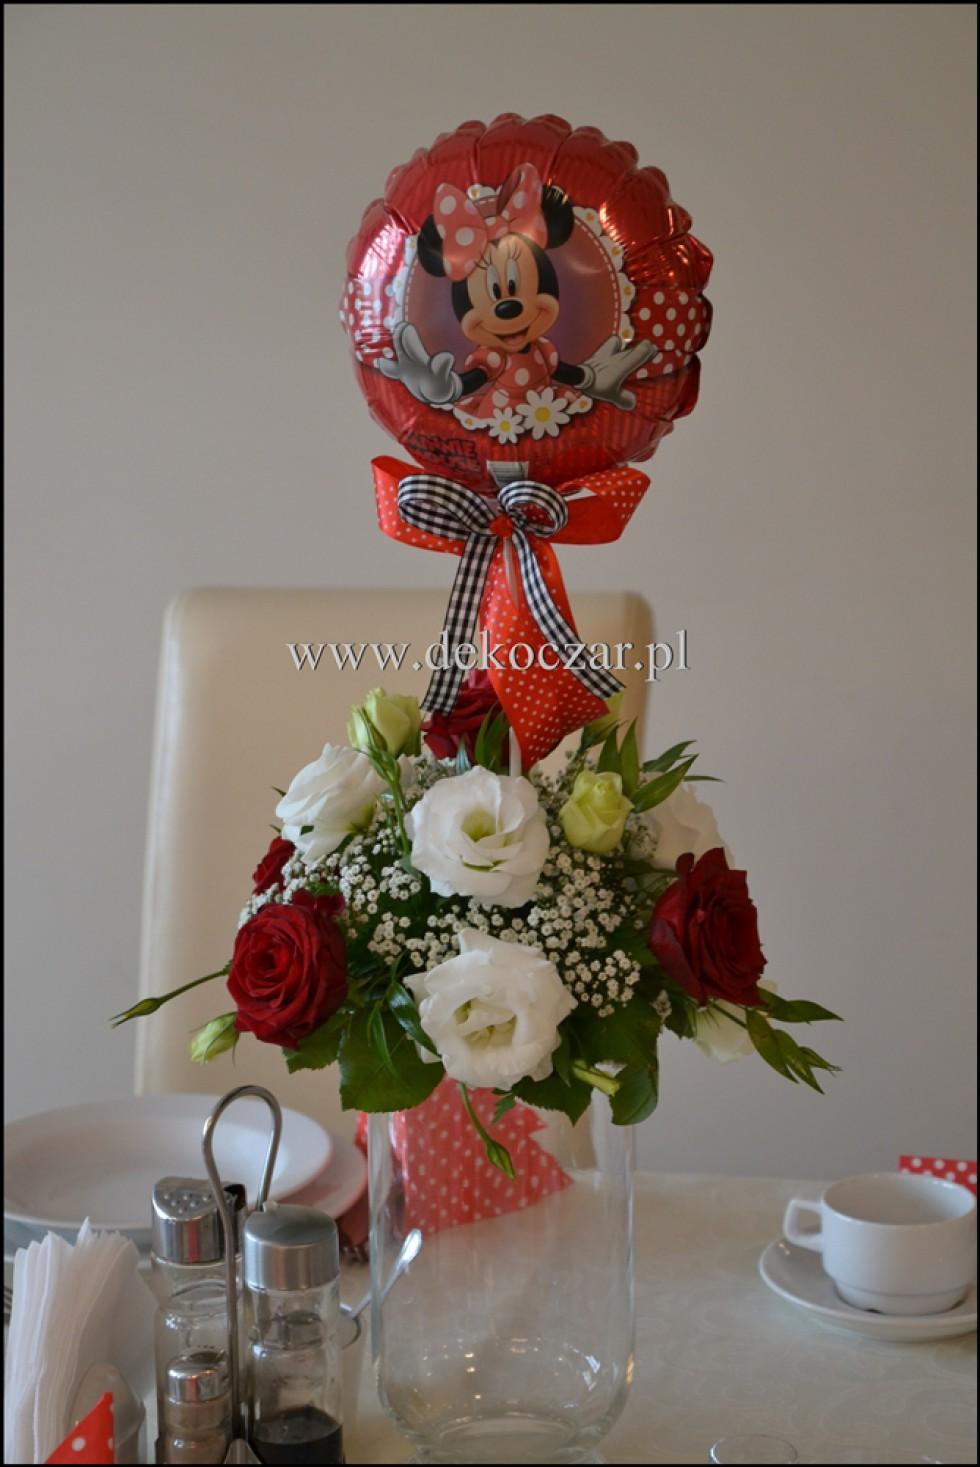 balony olesno (2)